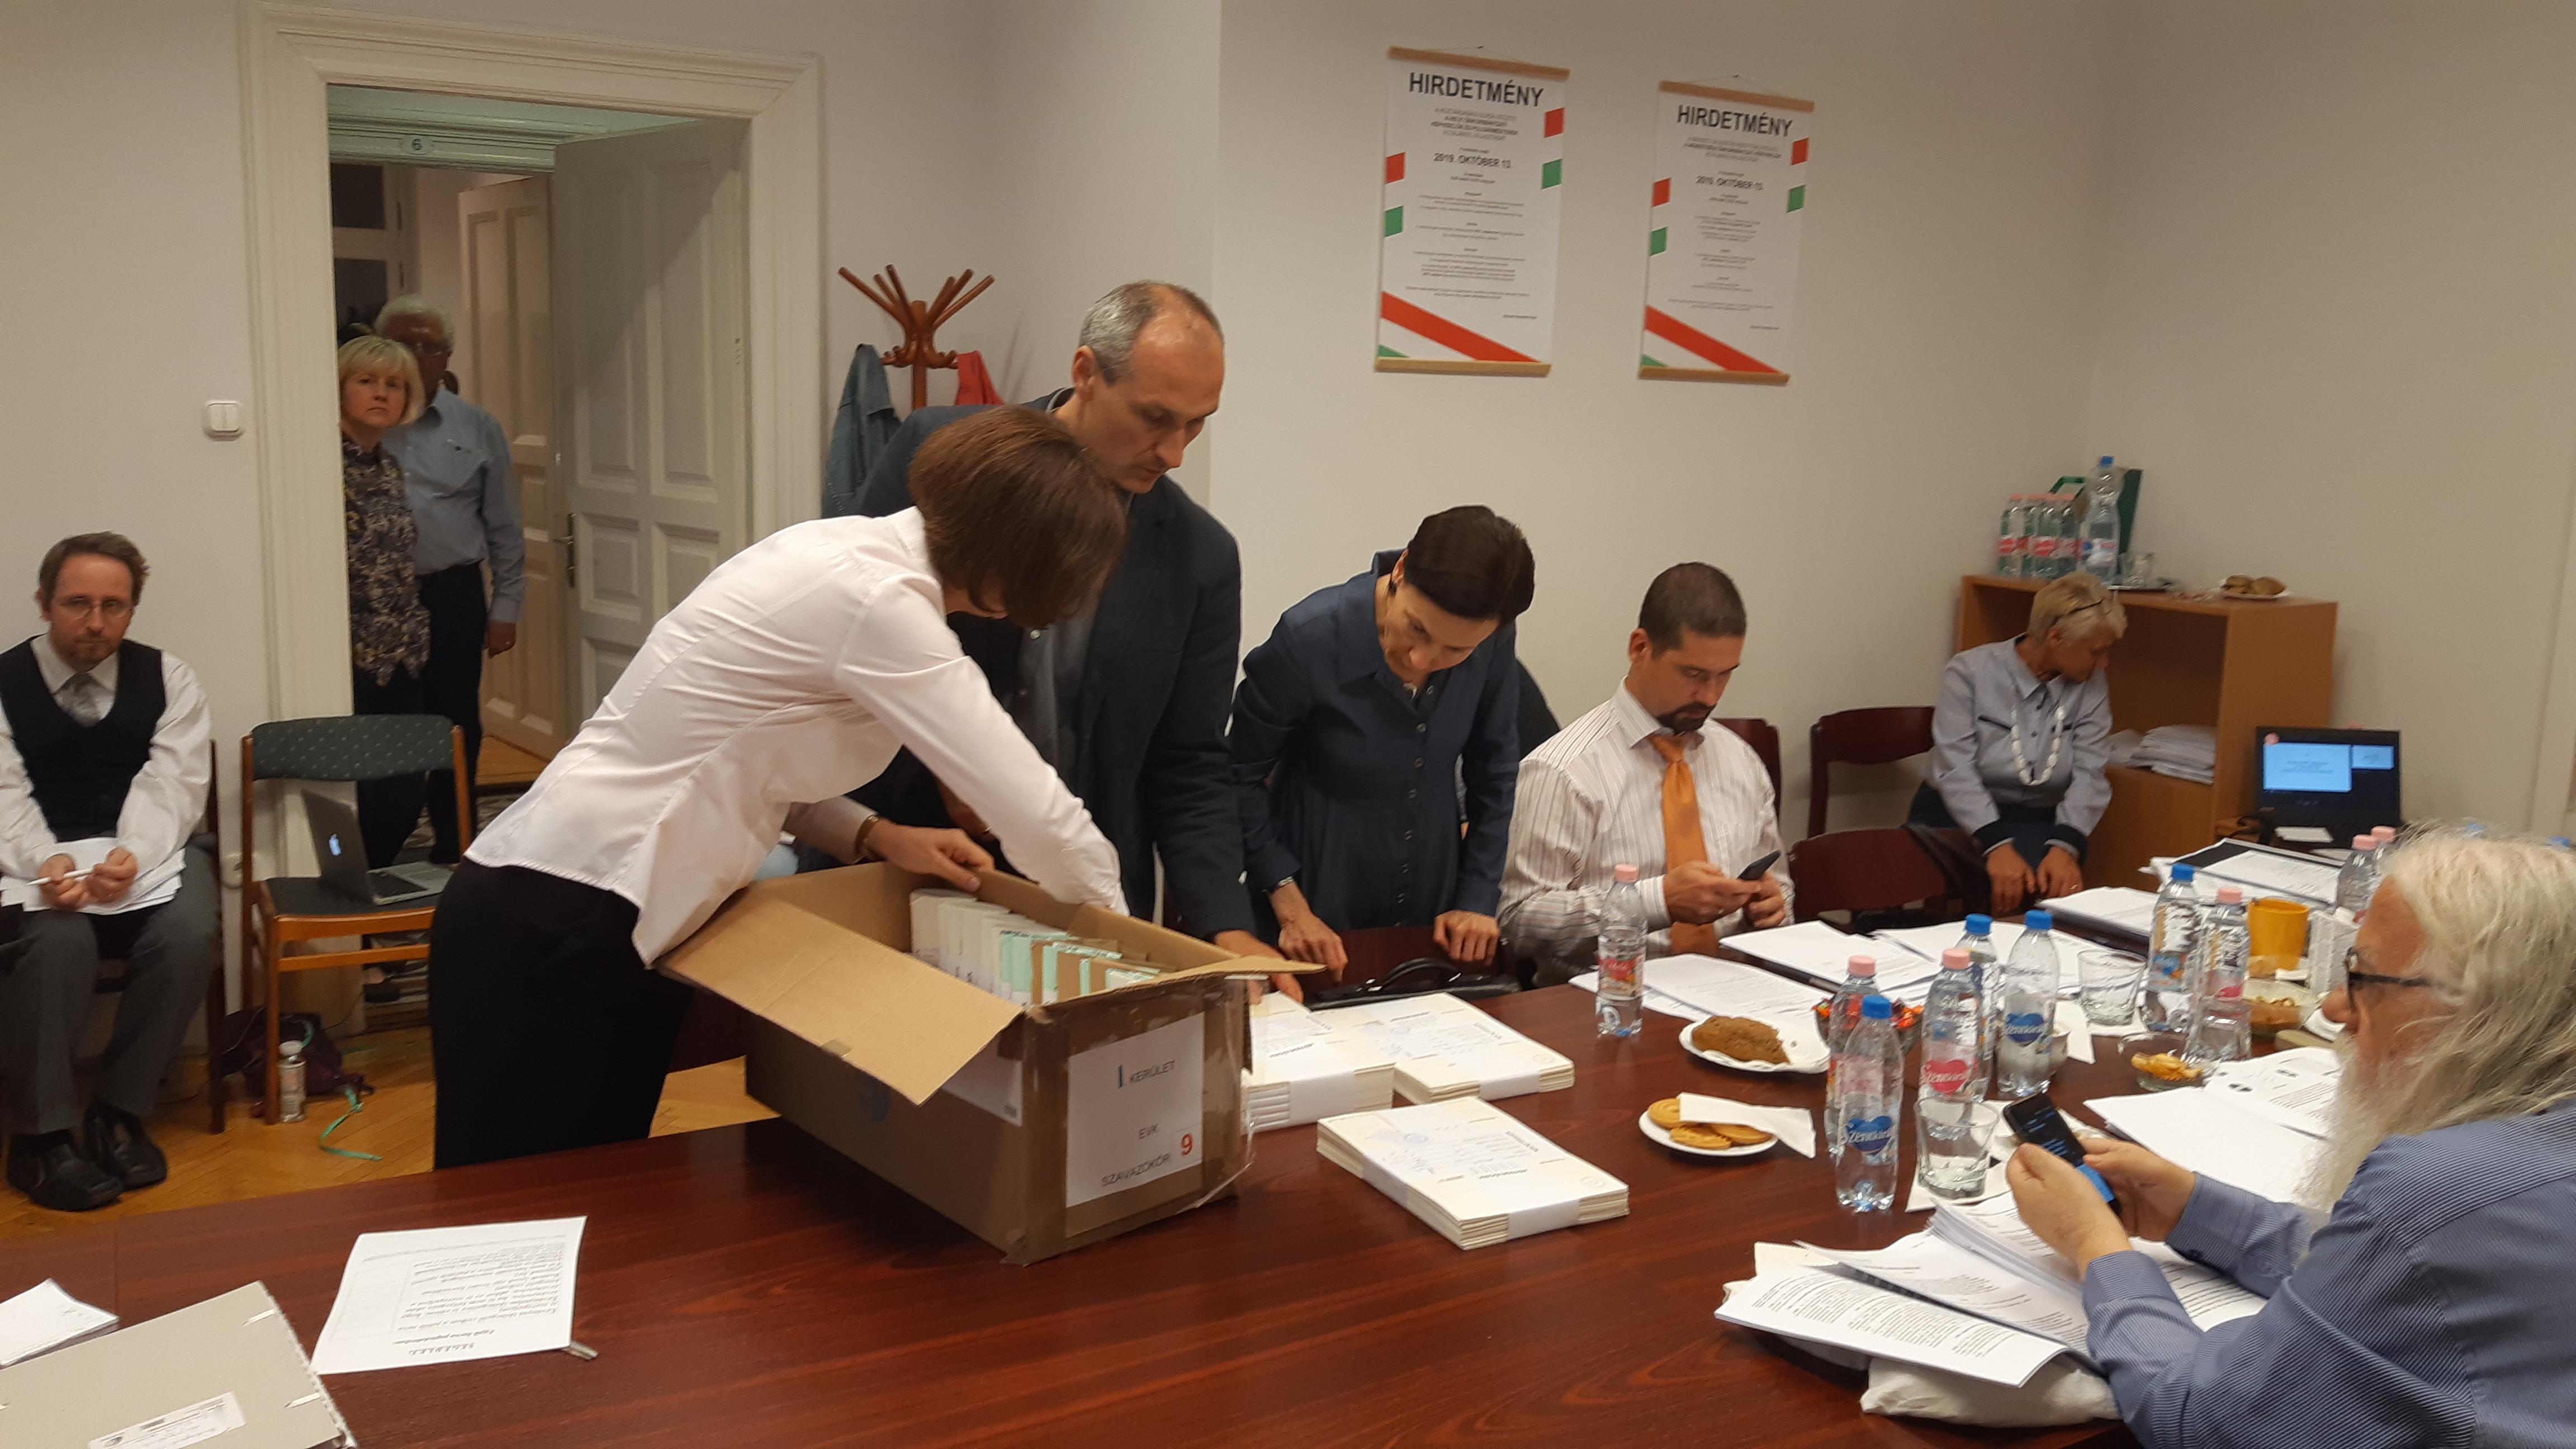 Helyben újraszámolja a Fővárosi Választási Bizottság az I. kerületi polgármesterválasztás eredményét